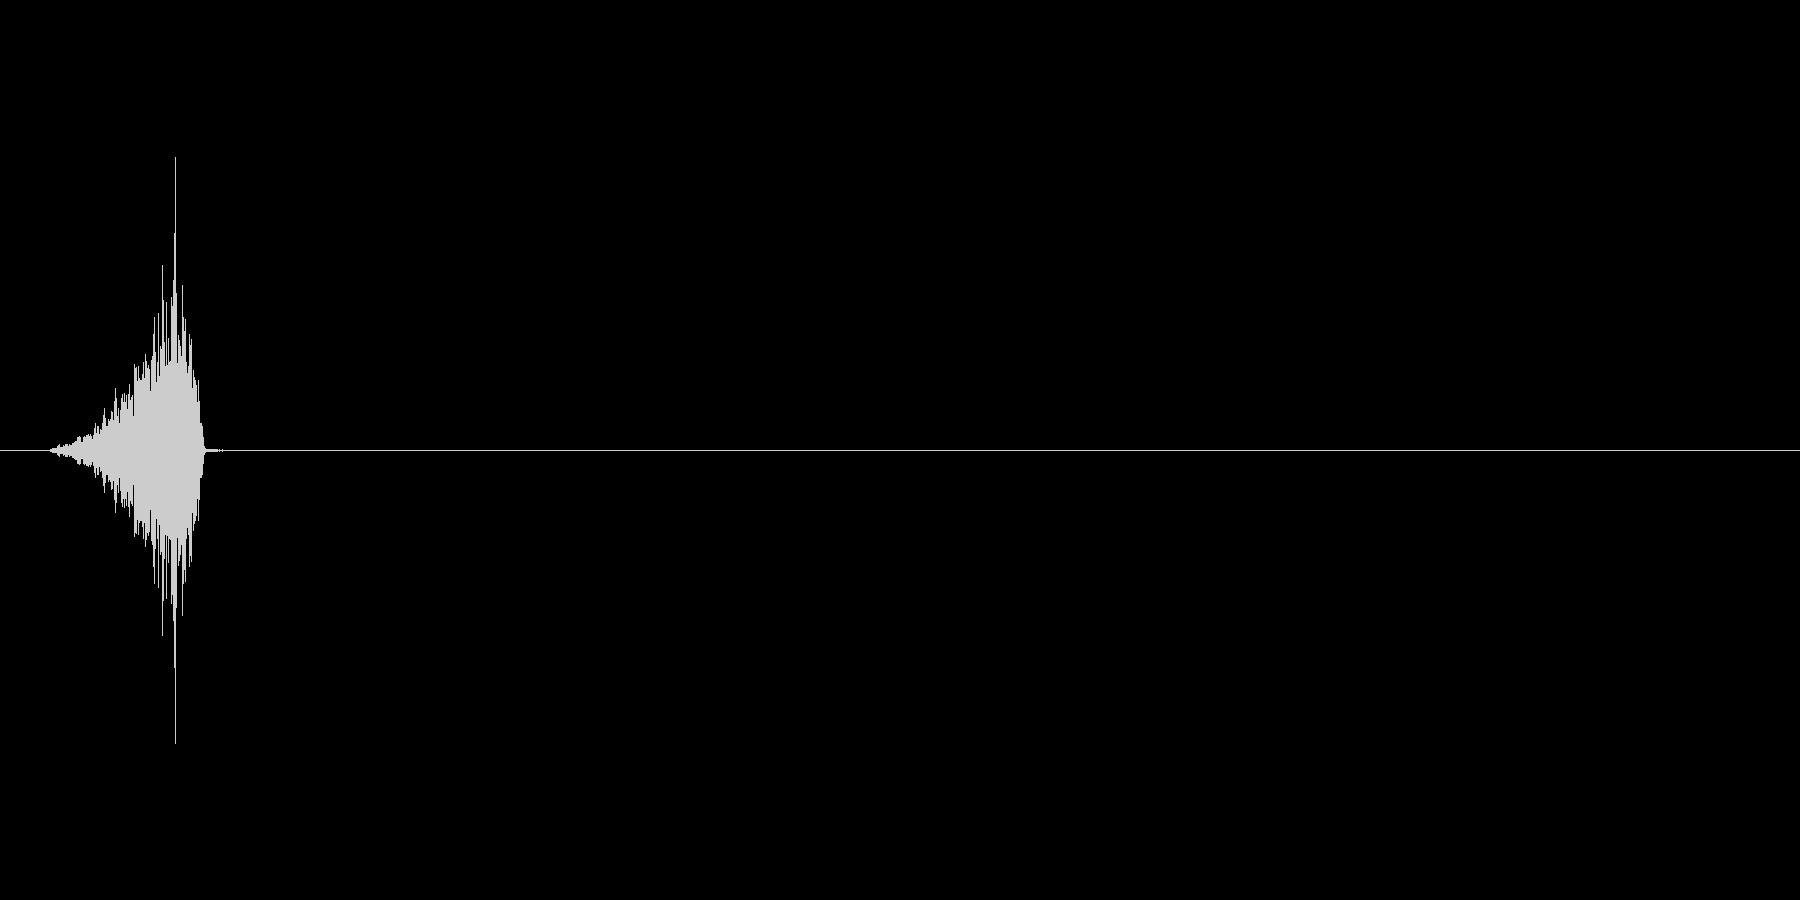 シュッ(攻撃ミス、スカ、外す、空振り)の未再生の波形